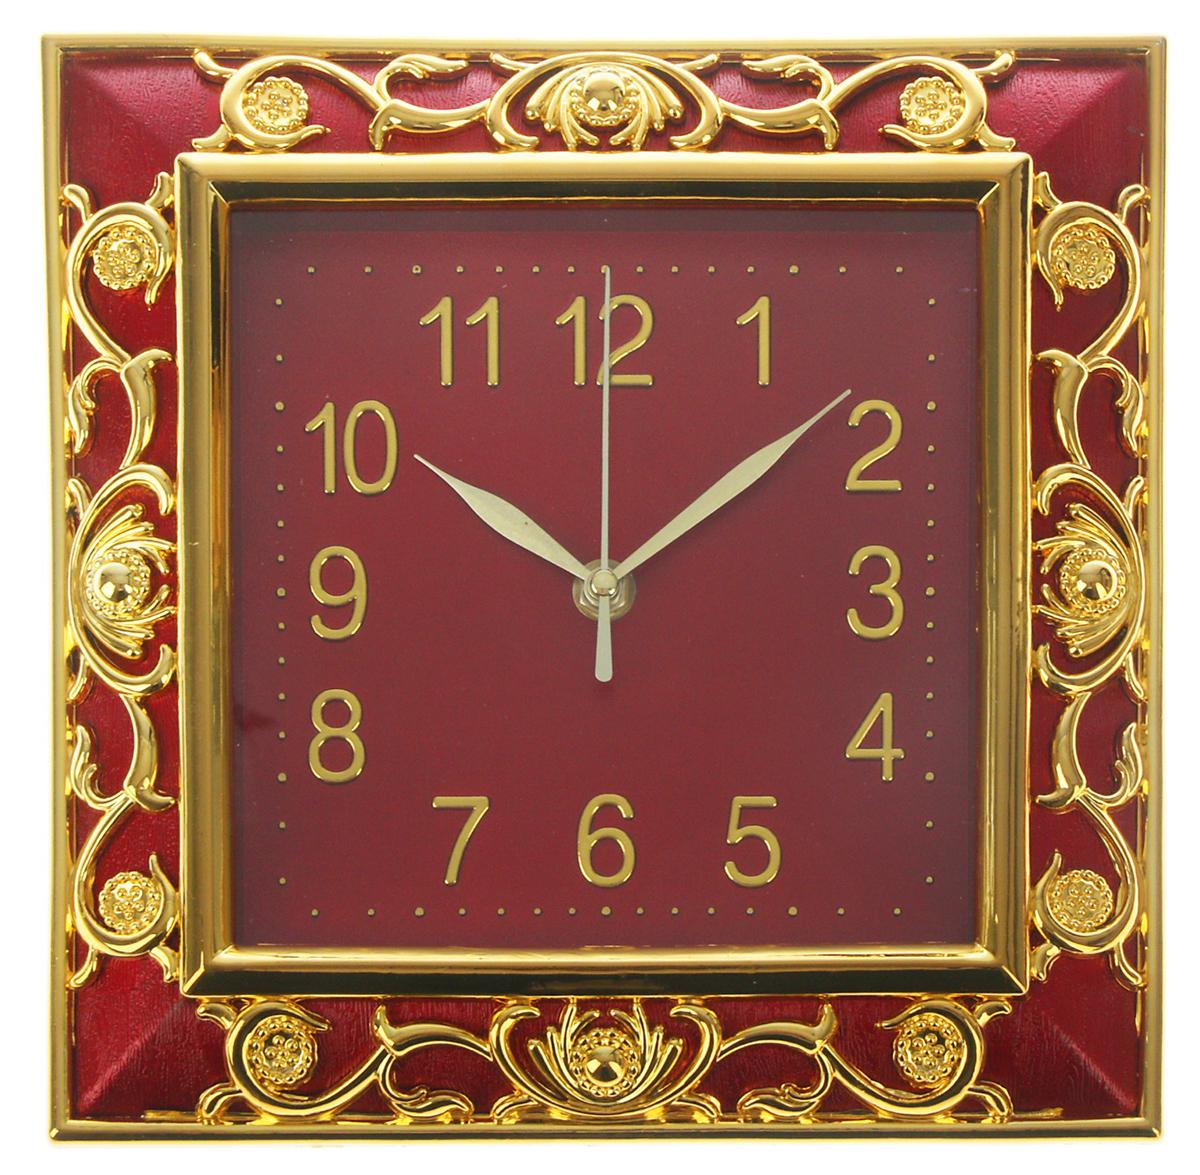 Часы настенные Ретро, цвет: бордо, золото, 25 х 25 см723386Каждому хозяину периодически приходит мысль обновить свою квартиру, сделать ремонт, перестановку или кардинально поменять внешний вид каждой комнаты. Часы настенные квадратные Наложение, 25 ? 25 см, объемный золотистый узор на бордовой раме — привлекательная деталь, которая поможет воплотить вашу интерьерную идею, создать неповторимую атмосферу в вашем доме. Окружите себя приятными мелочами, пусть они радуют глаз и дарят гармонию.Часы настенные серия Ретро, квадрат, рама бордо узор золото, циферблат бордо 25х25см 723386